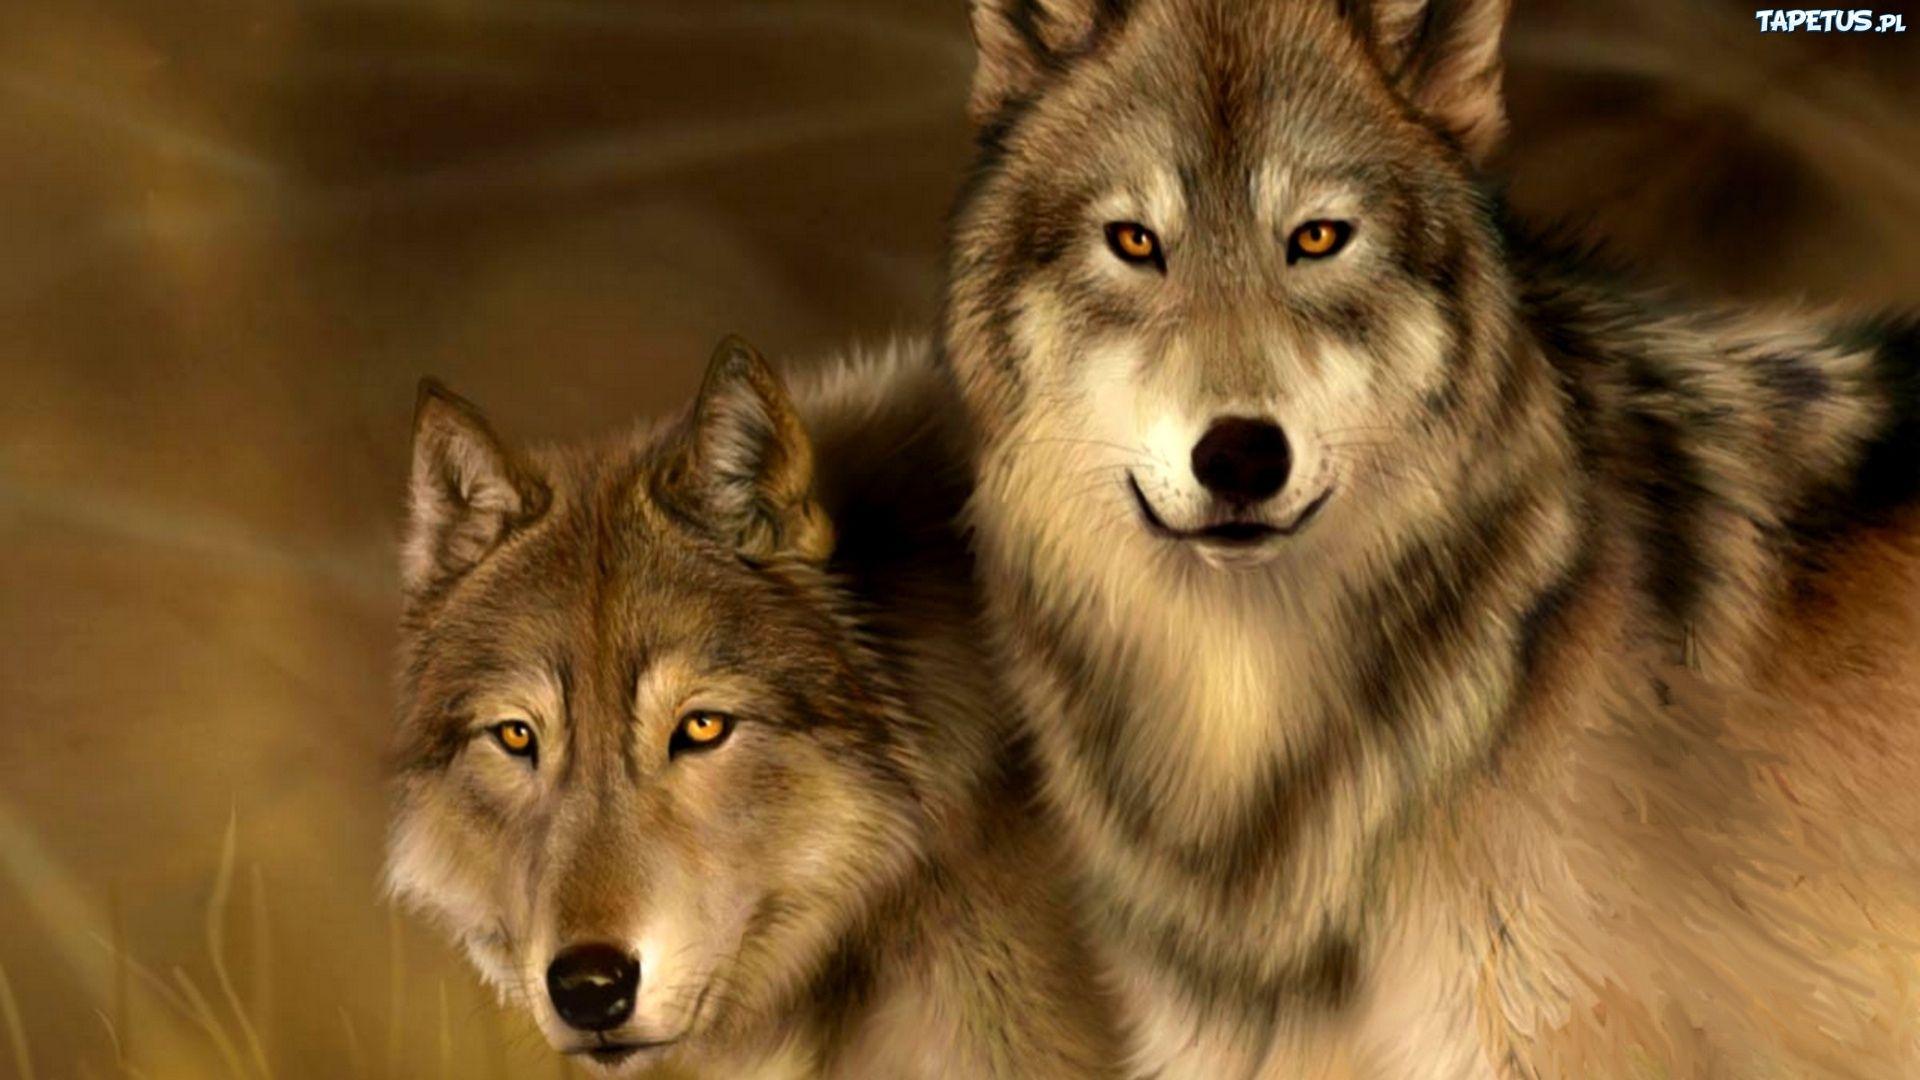 wilk i zachód słońca gif - Szukaj w Google